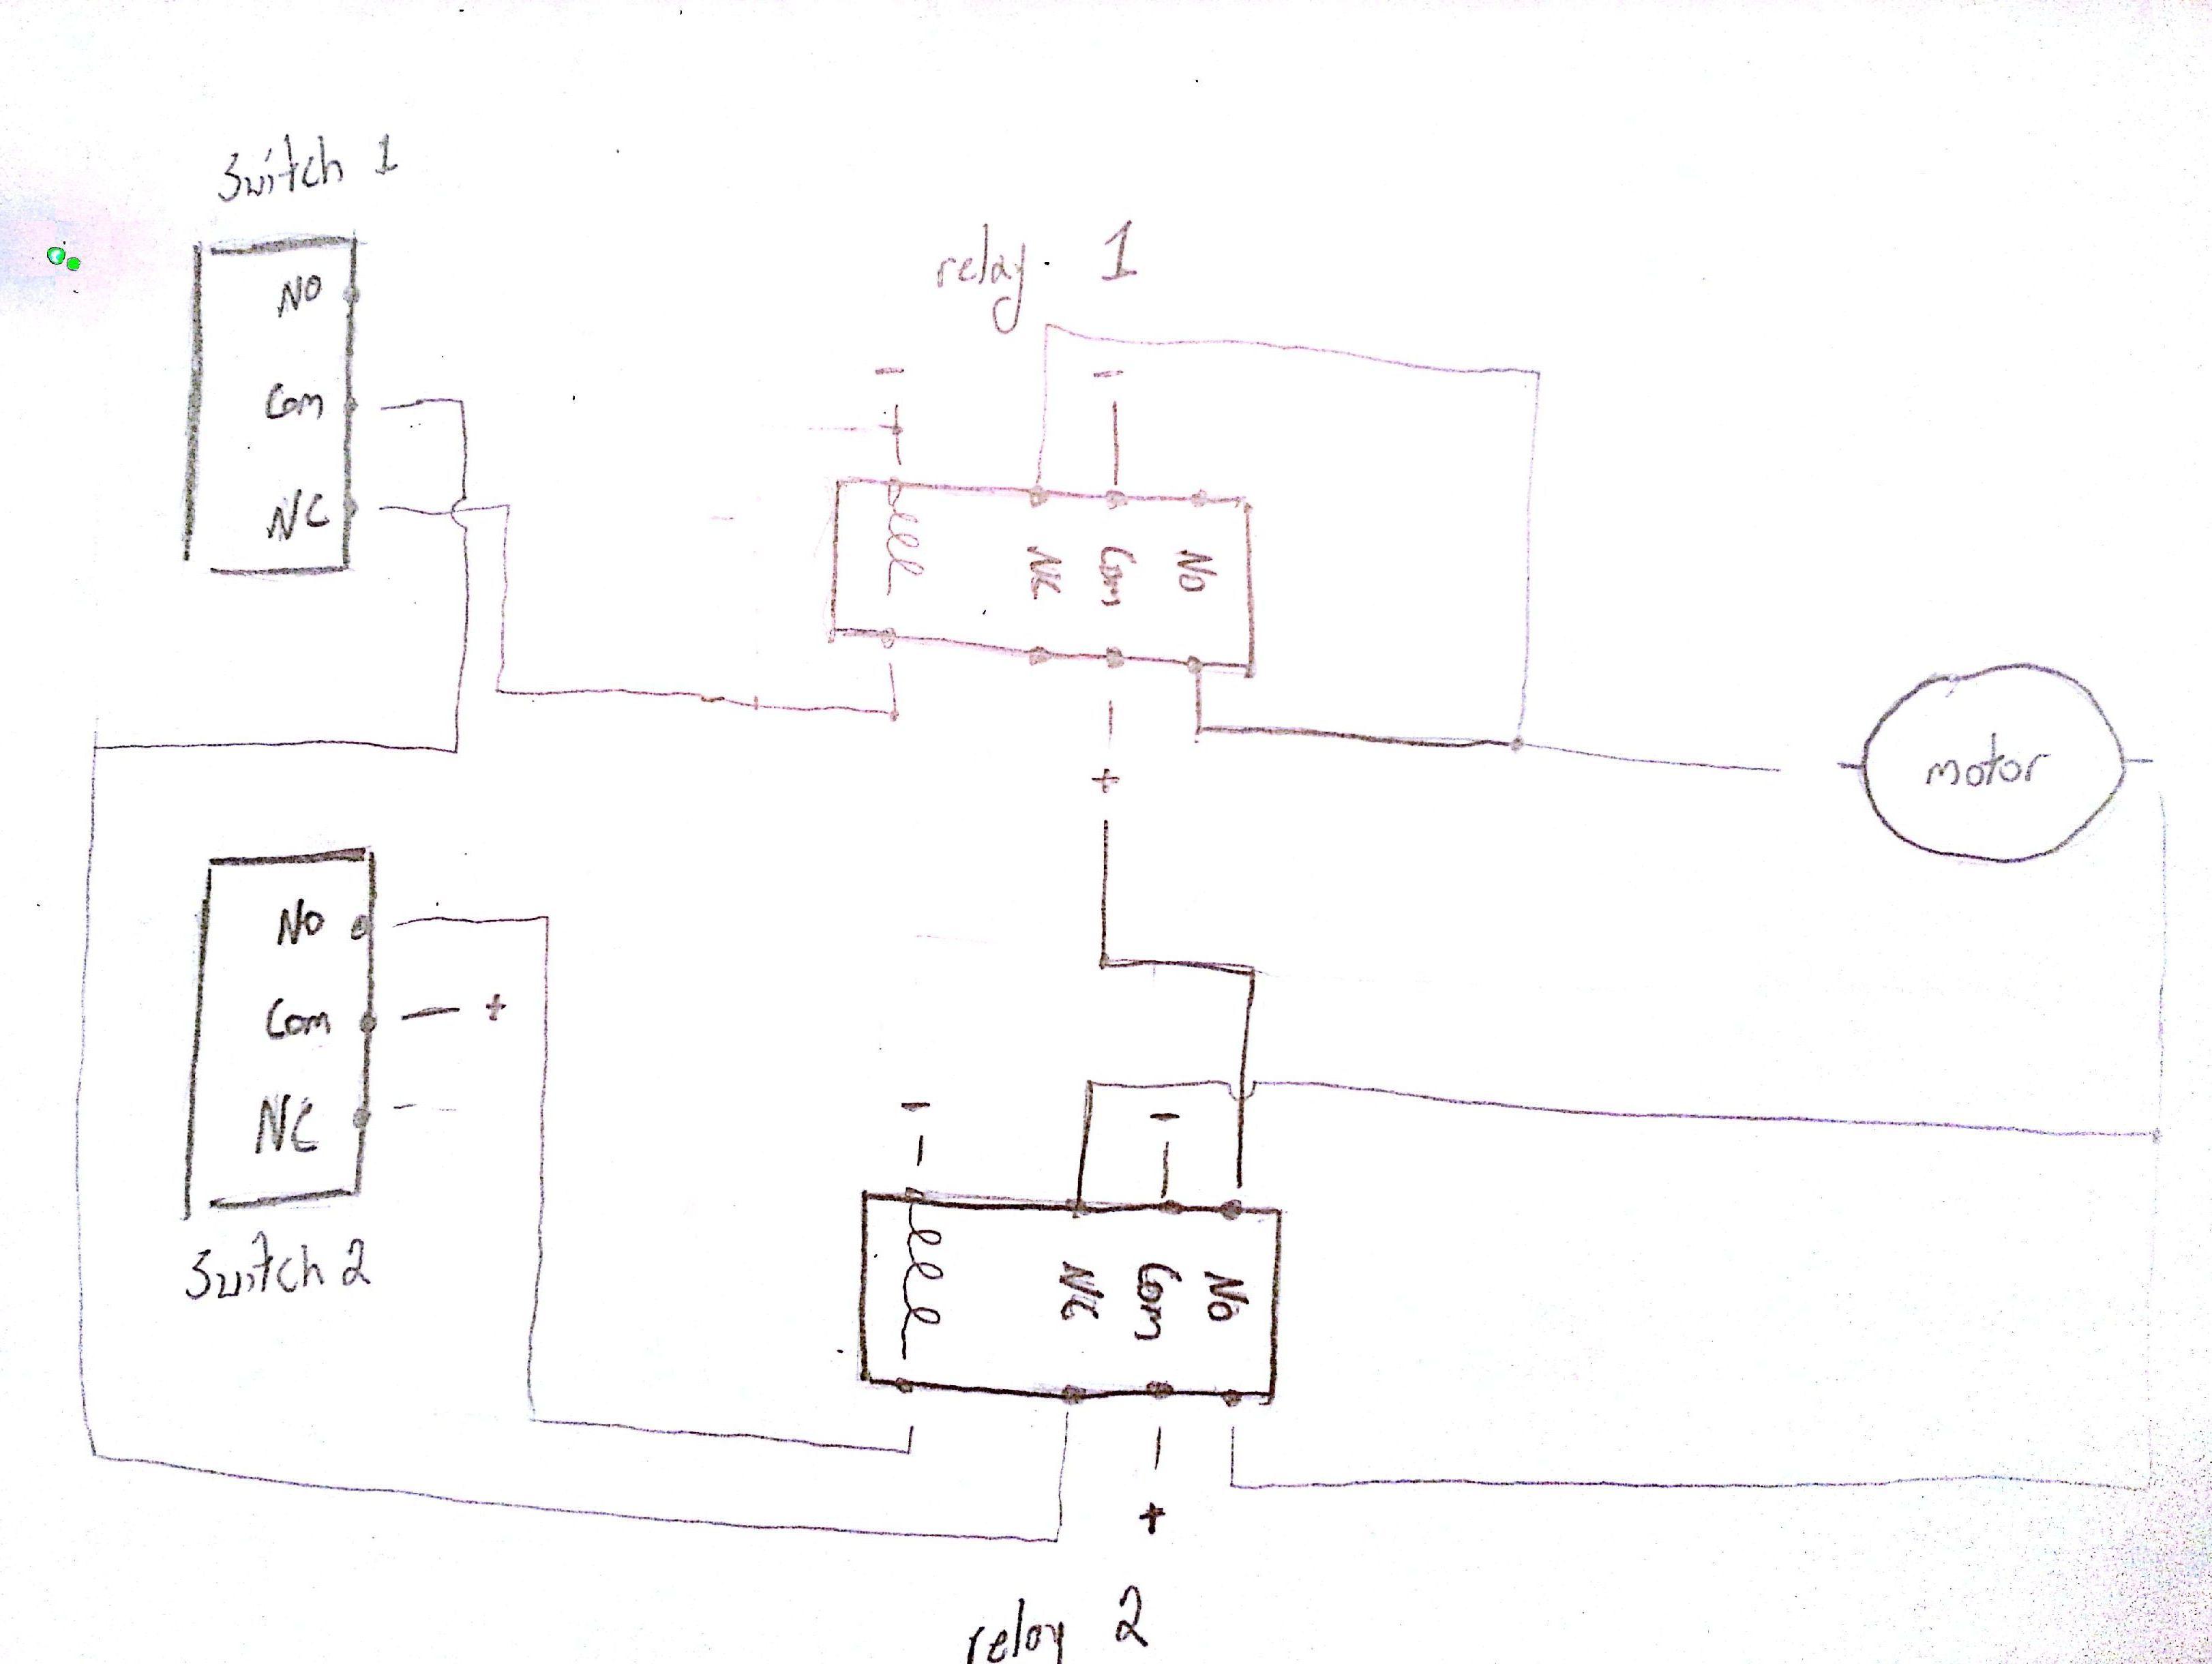 Wiring Diagram Of Motor Diagram, Electrical diagram, Motor